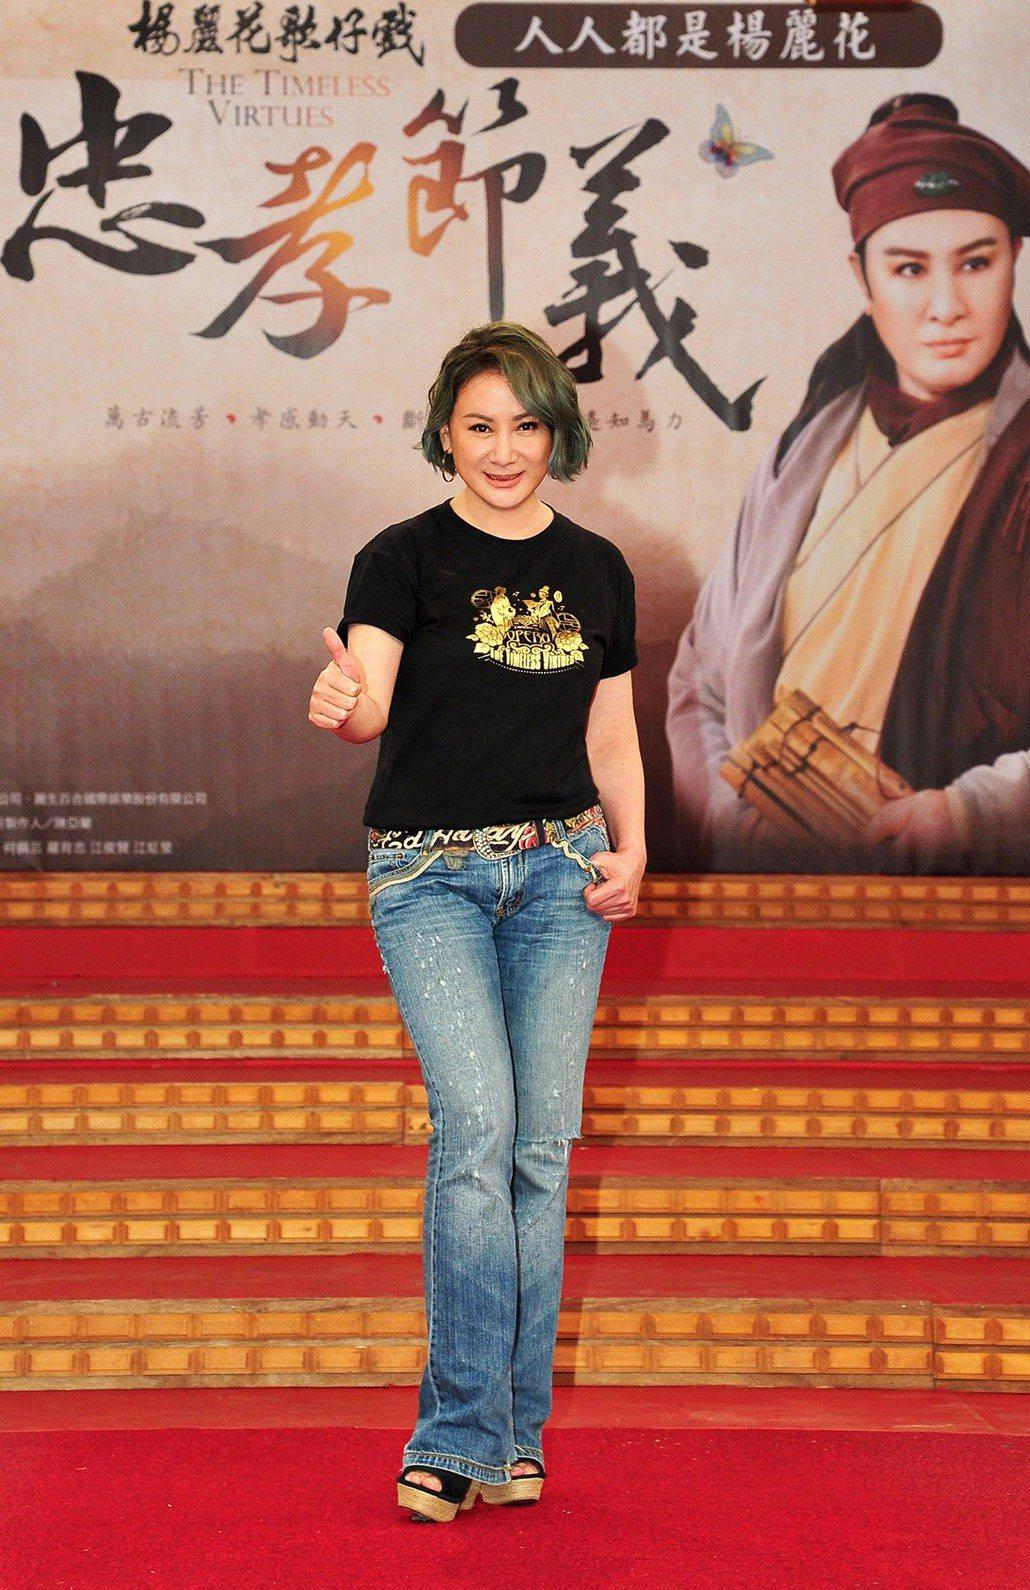 陳亞蘭擔任「人人都是楊麗花」活動評審。圖/台視提供